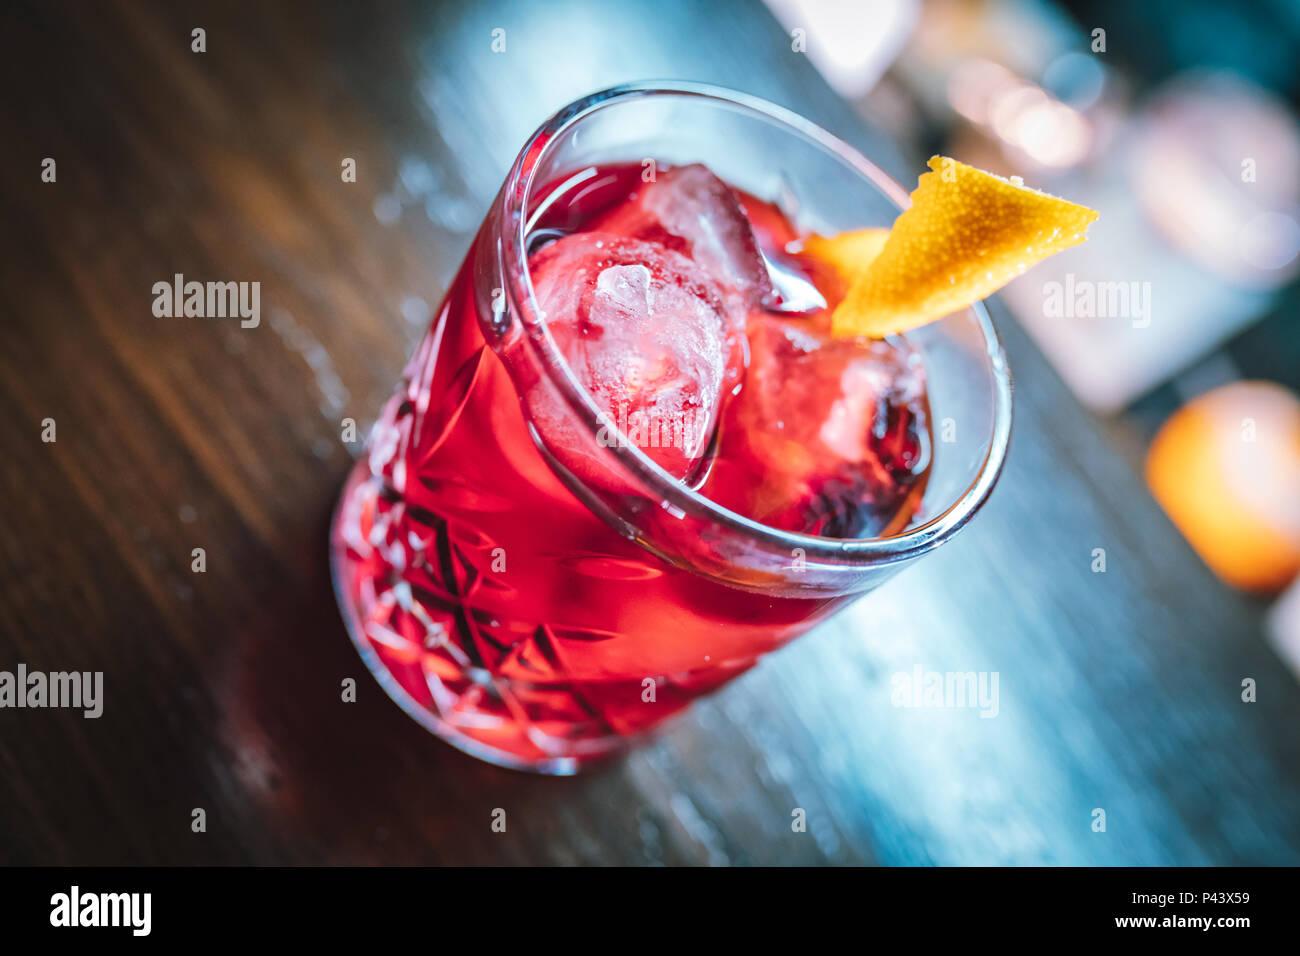 Rosa e Rosso colorato fresco esotici cocktail alcolico con limone e ghiaccio nel bar. Colorato di rosa soft drink con ghiaccio sulla barra desk. Cocktail di rosso Foto Stock